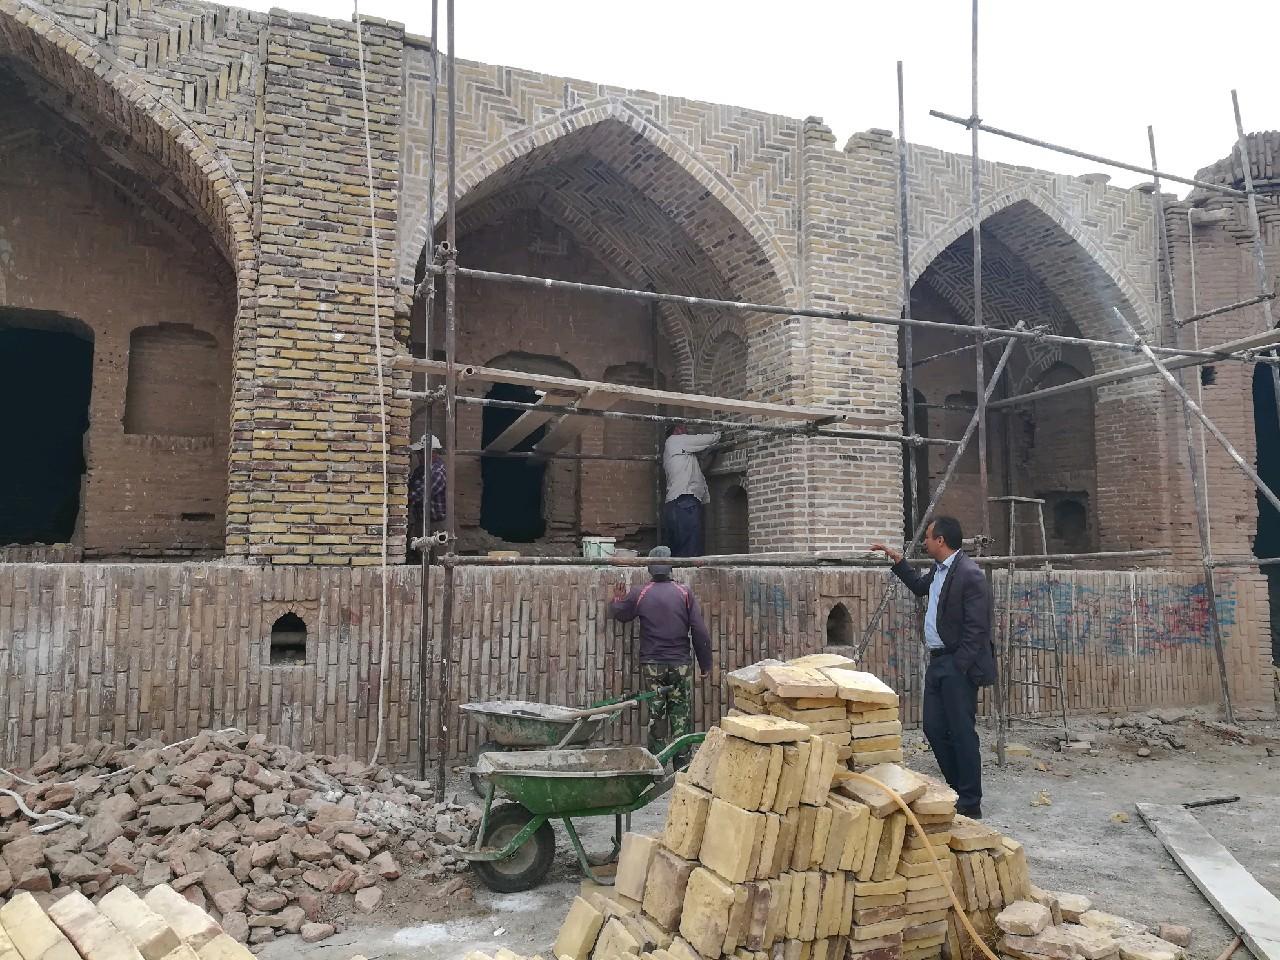 بازپیرایی بافت تاریخی روستای زعفرانیه سبزوار